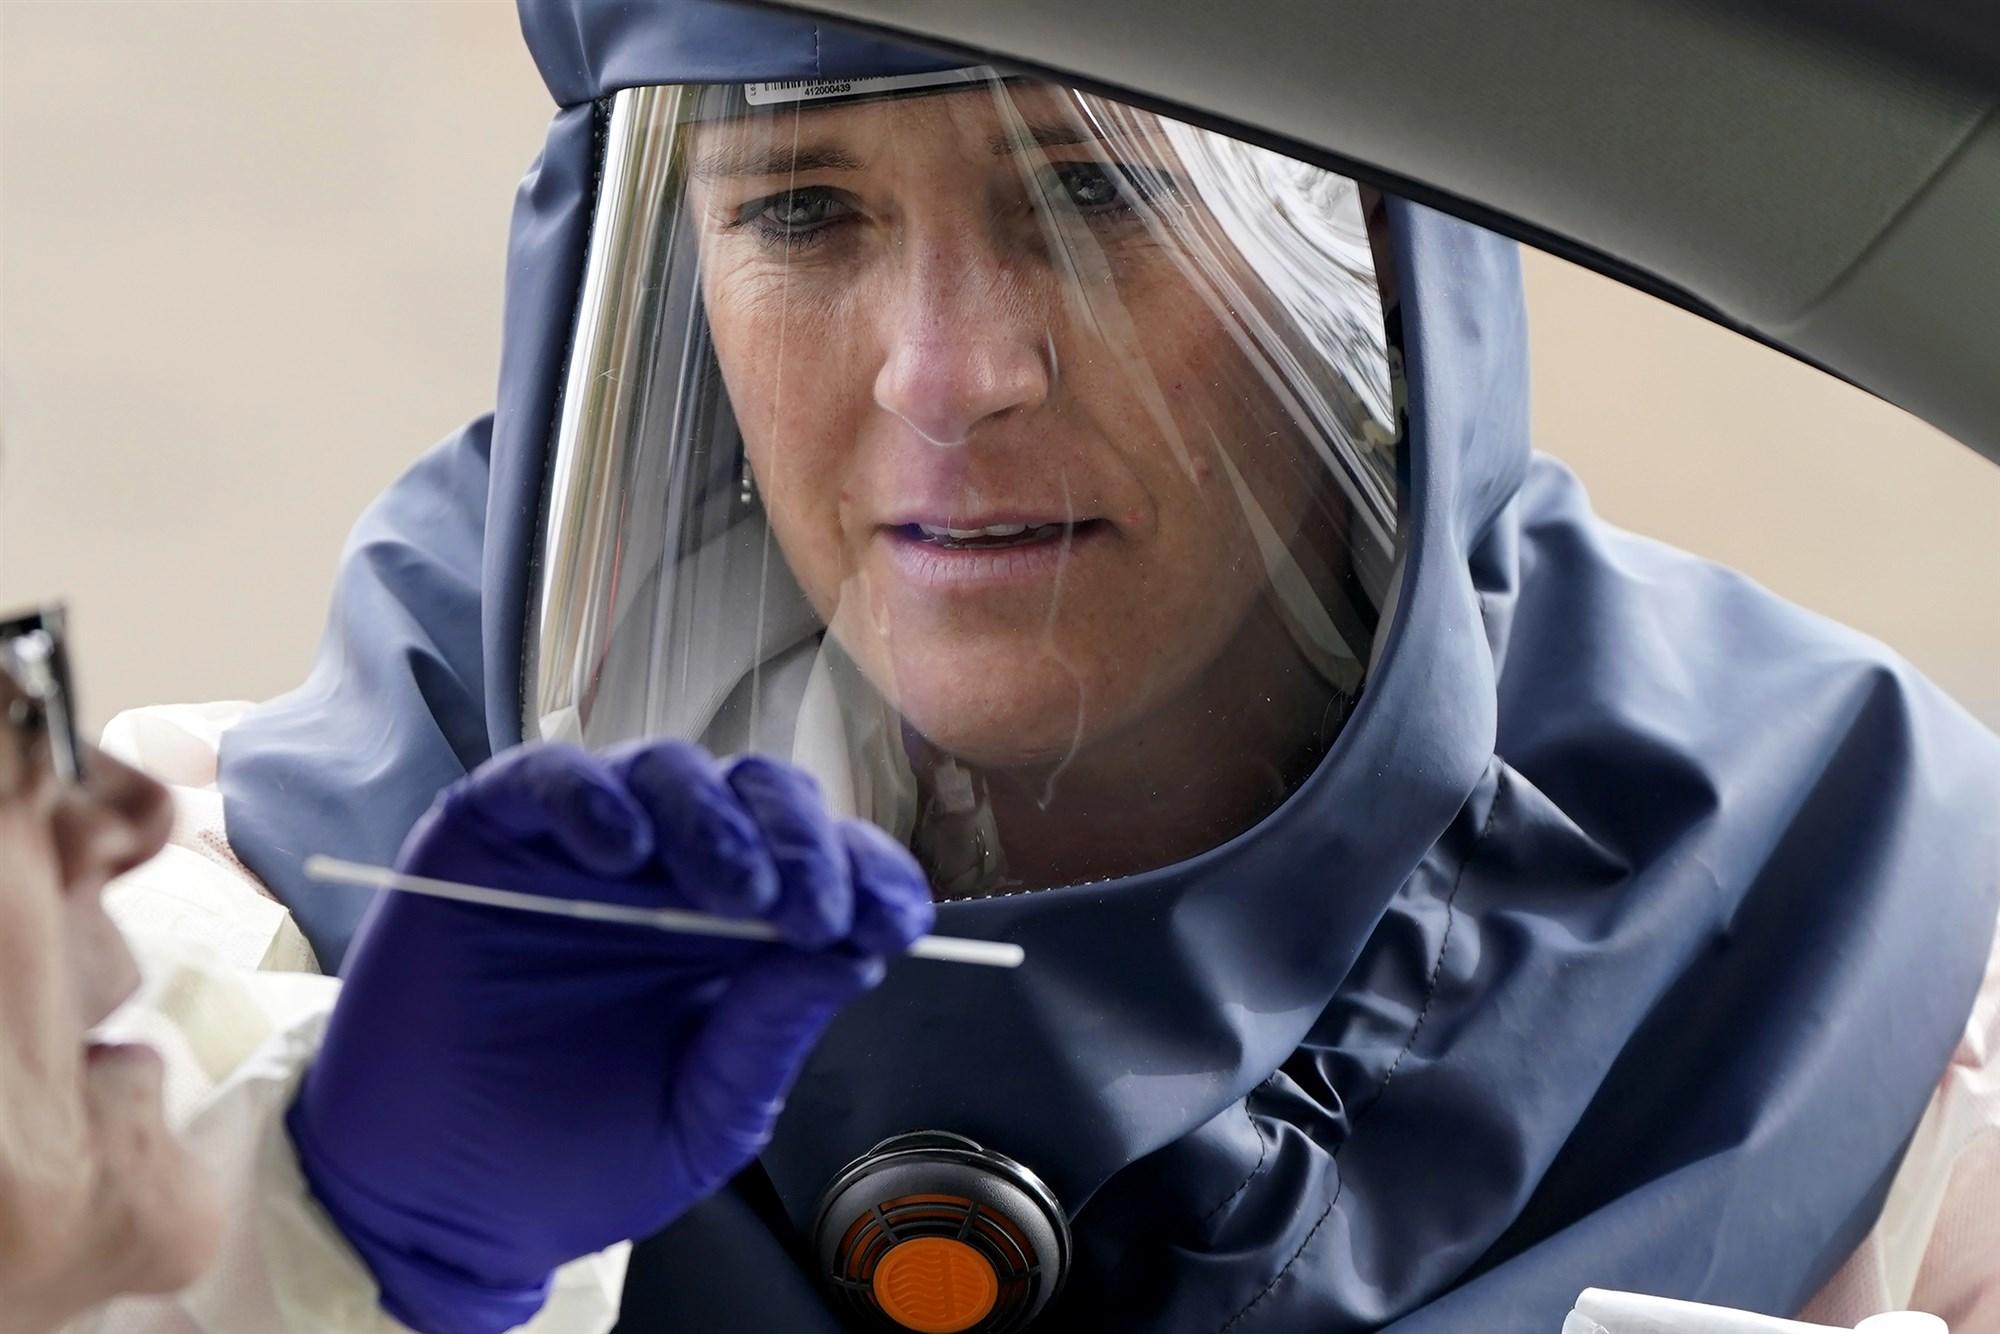 盐湖城卫生人员对民众进行测试。(图源:美联社)